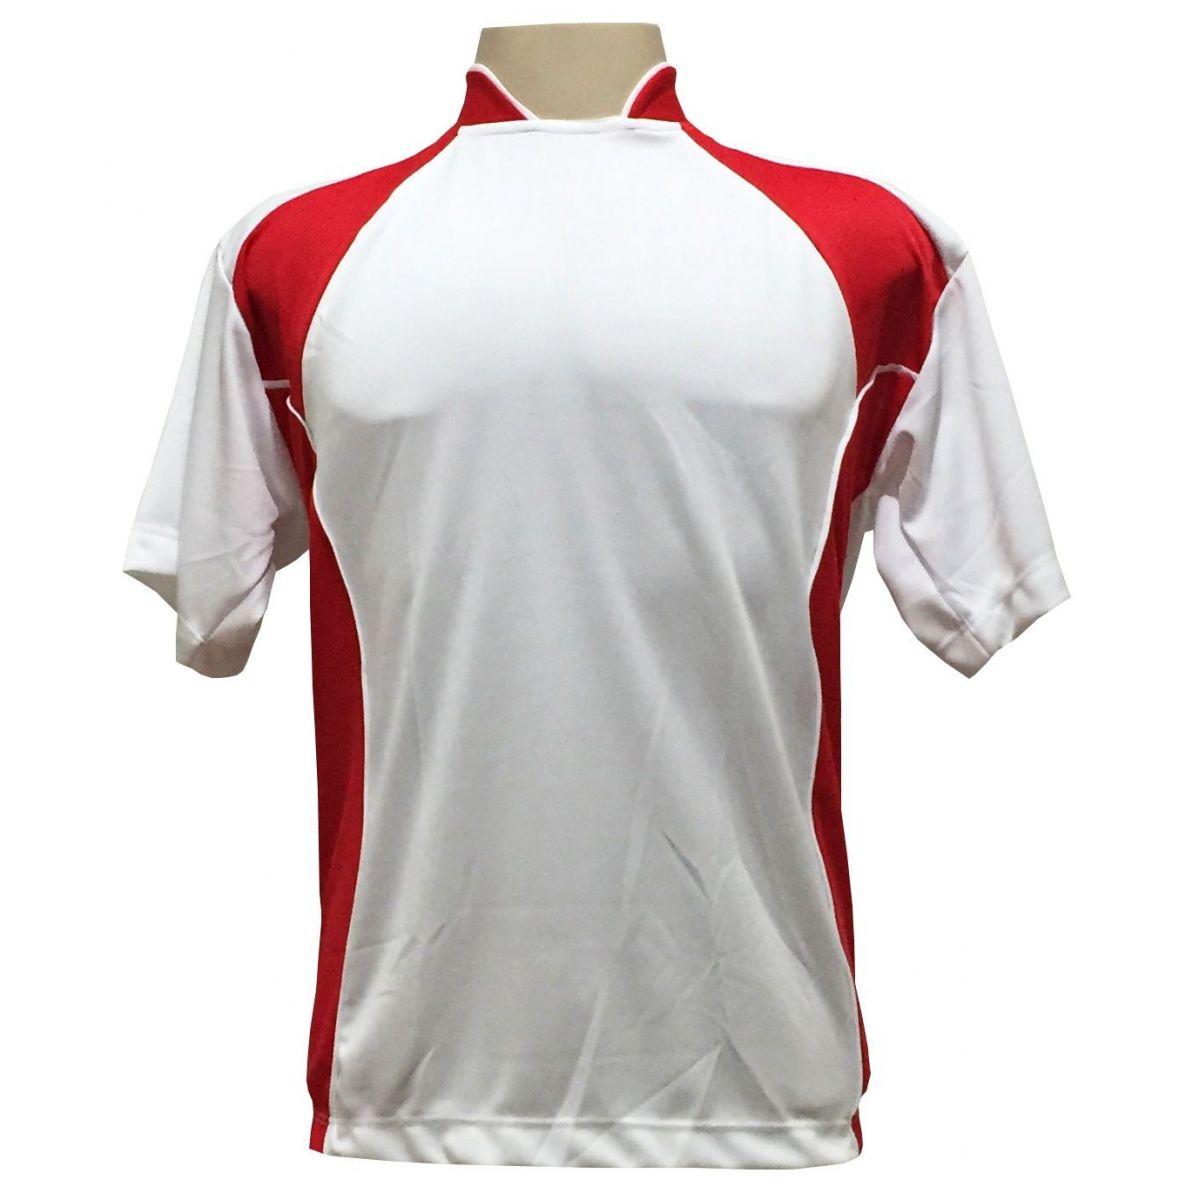 Jogo de Camisa com 14 unidades modelo Suécia Branco/Vermelho + Brindes